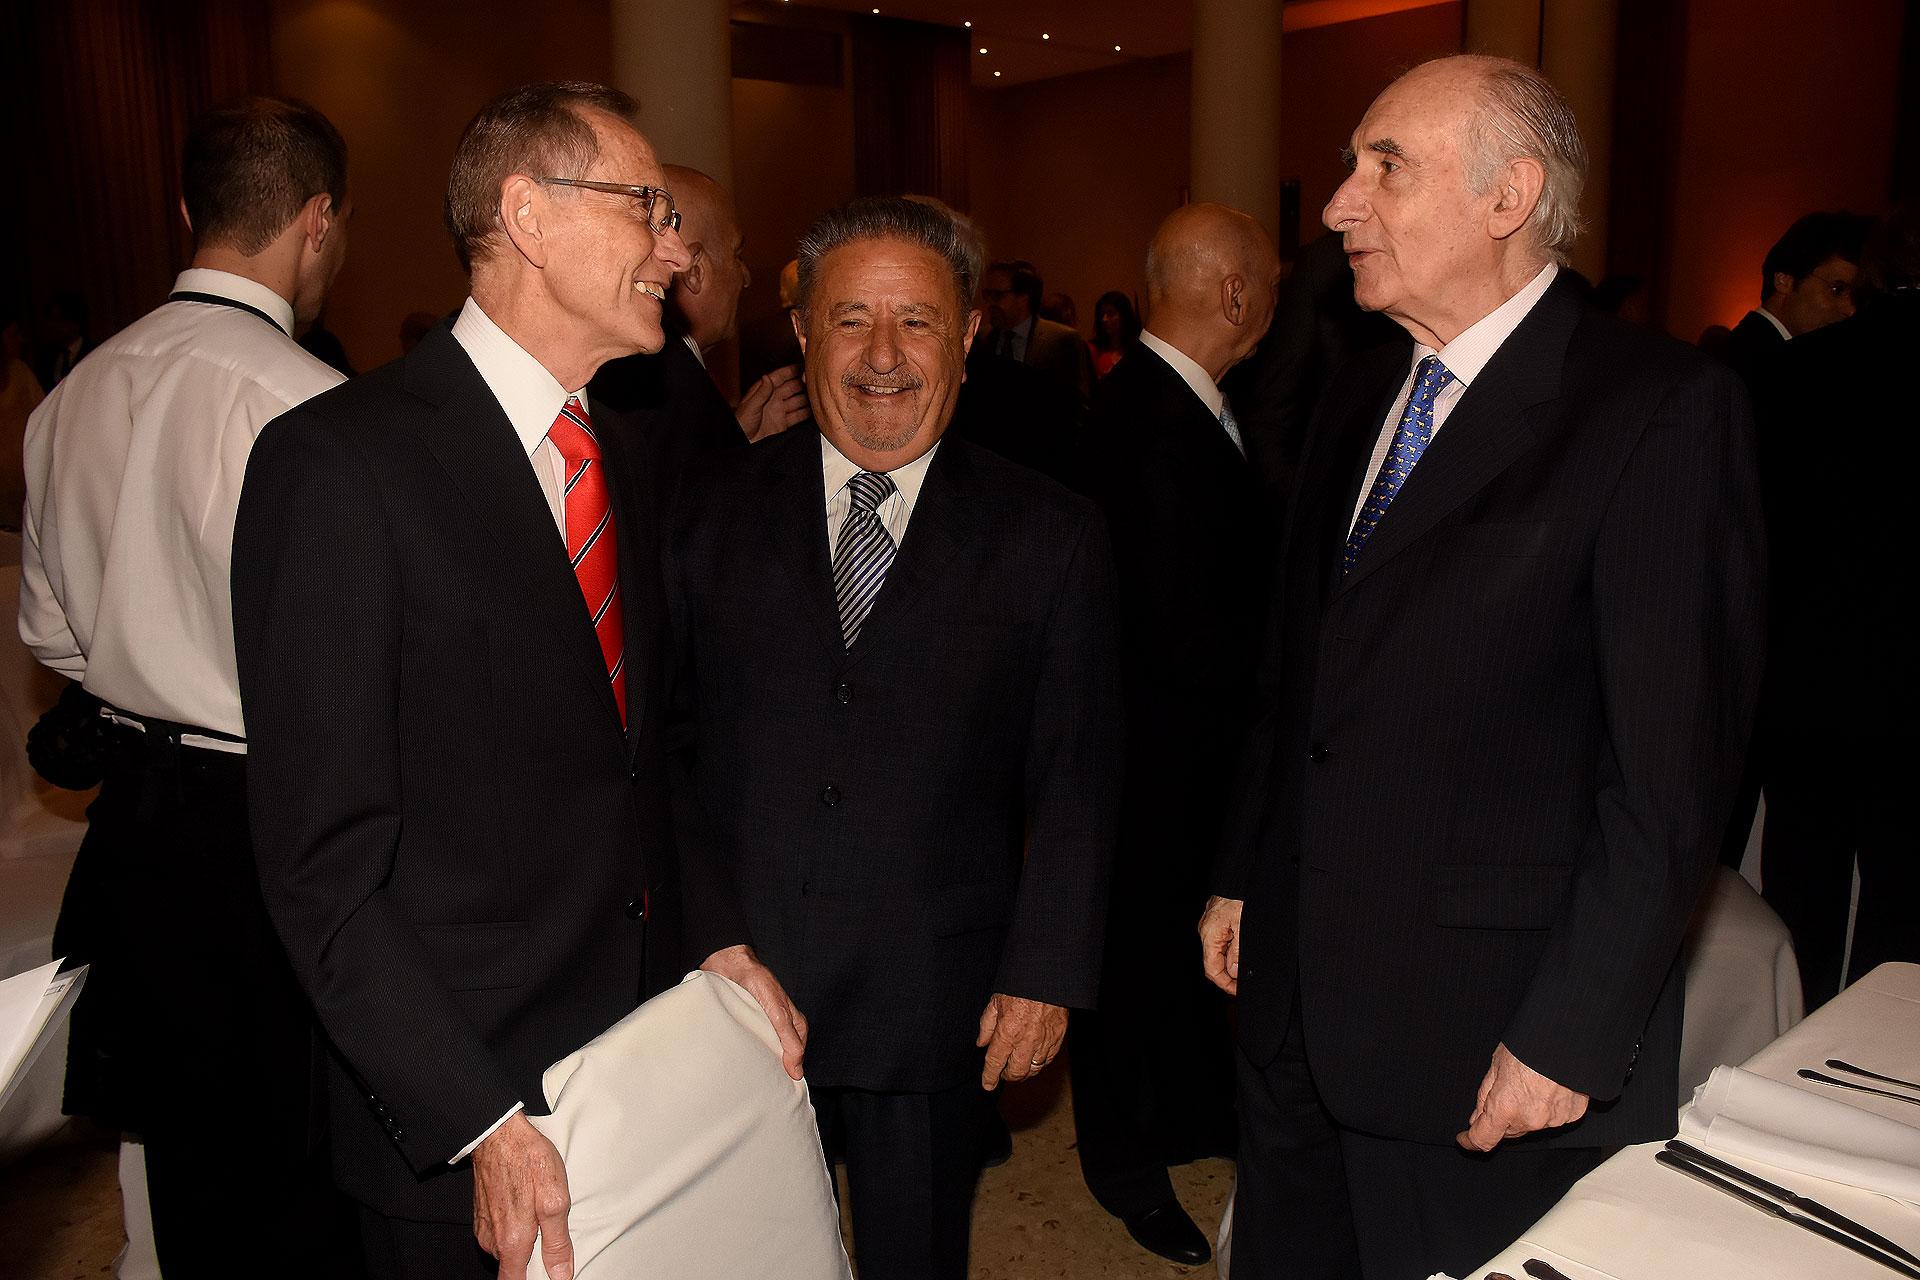 Adalberto Rodríguez Giavarini, Eduardo Duhalde y Fernando De la Rúa